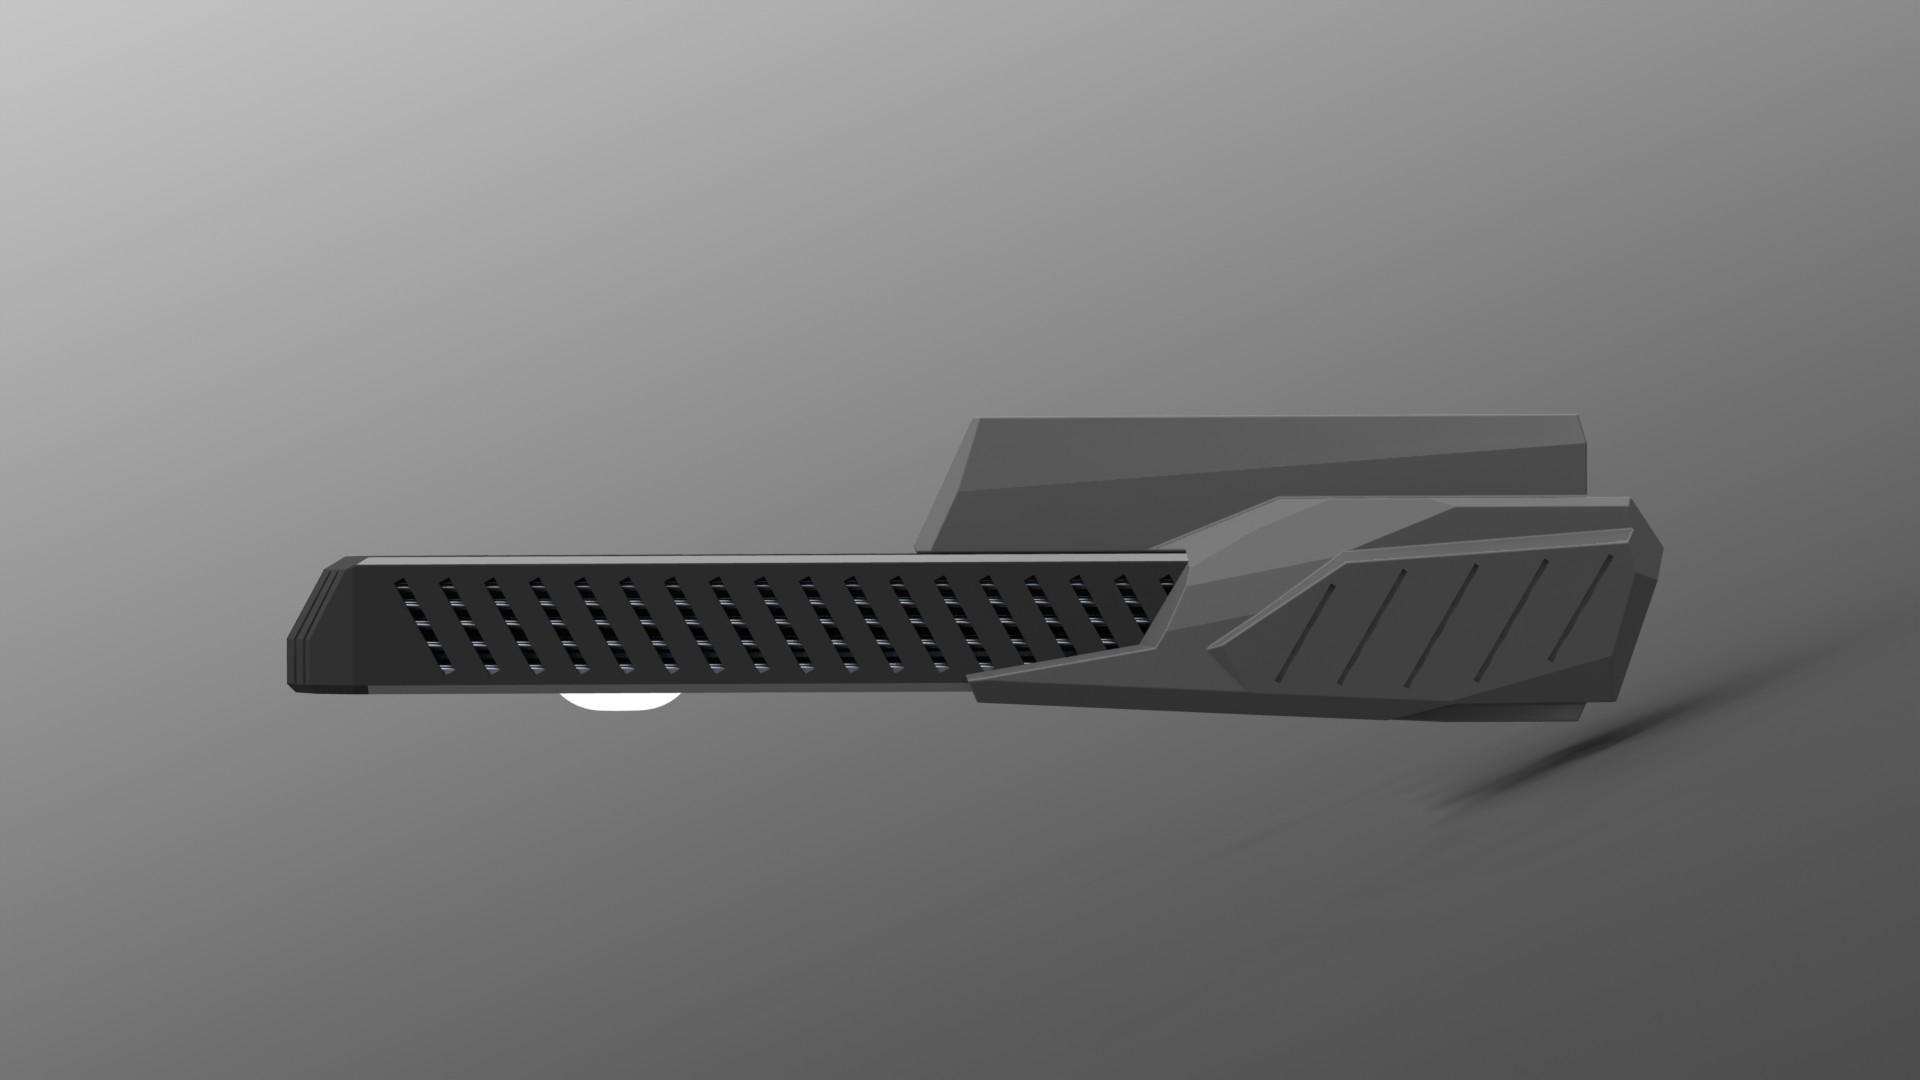 Создание дизайна корпуса уличного фонаря по ТЗ заказчика(для последующего изготовления)